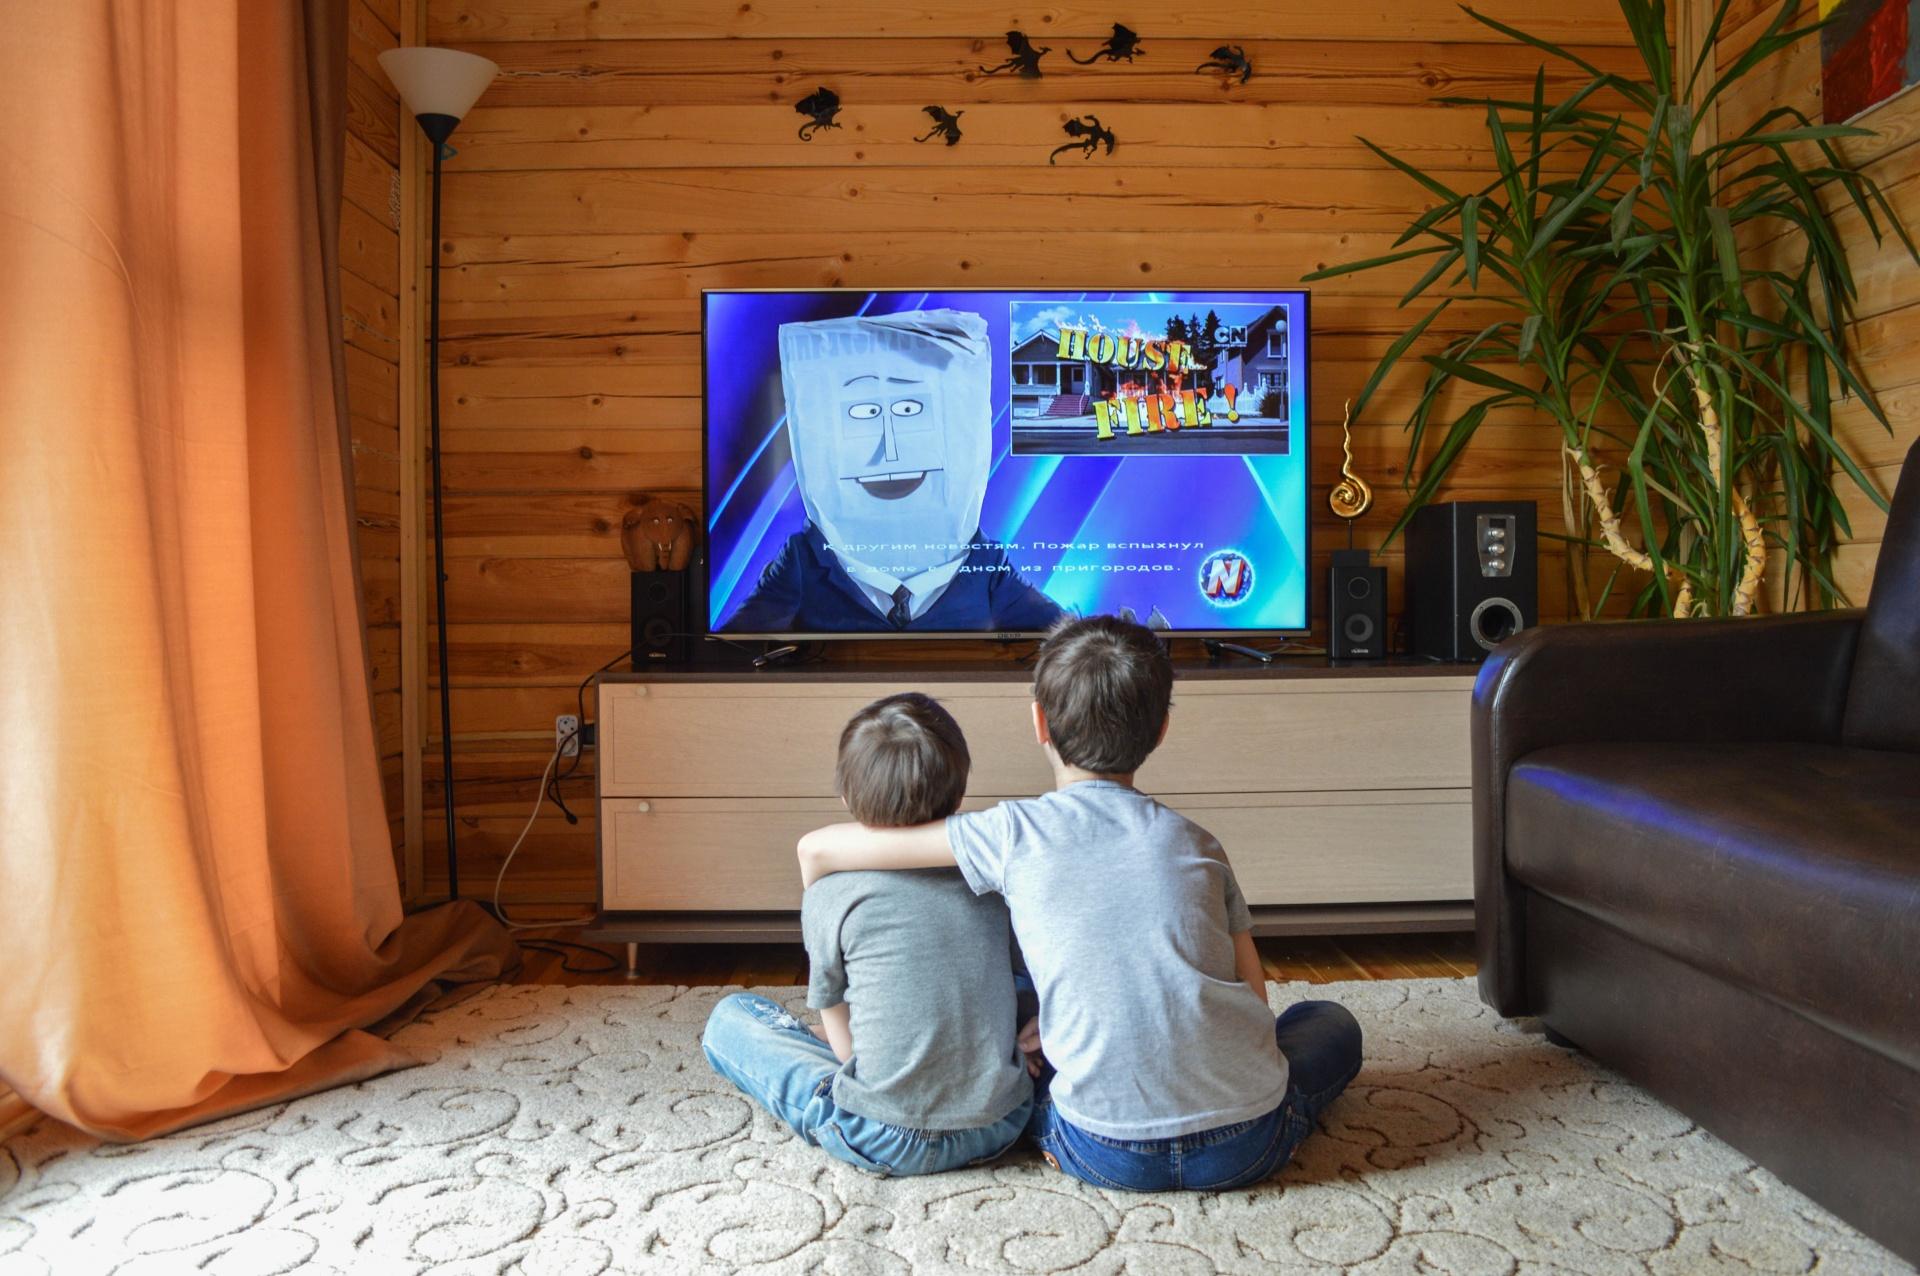 Penting! 5 Kelebihan dan Kekurangan Smart TV